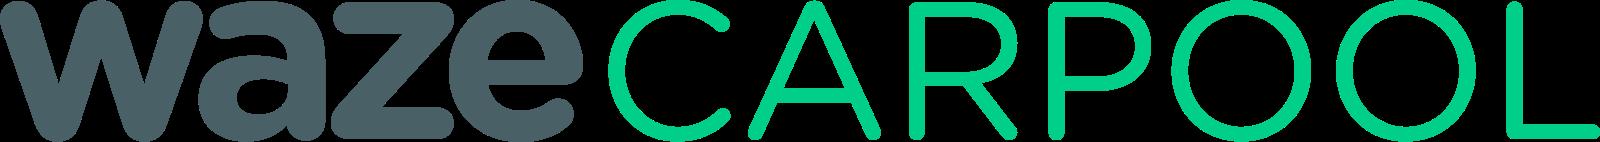 Waze carpool logo.